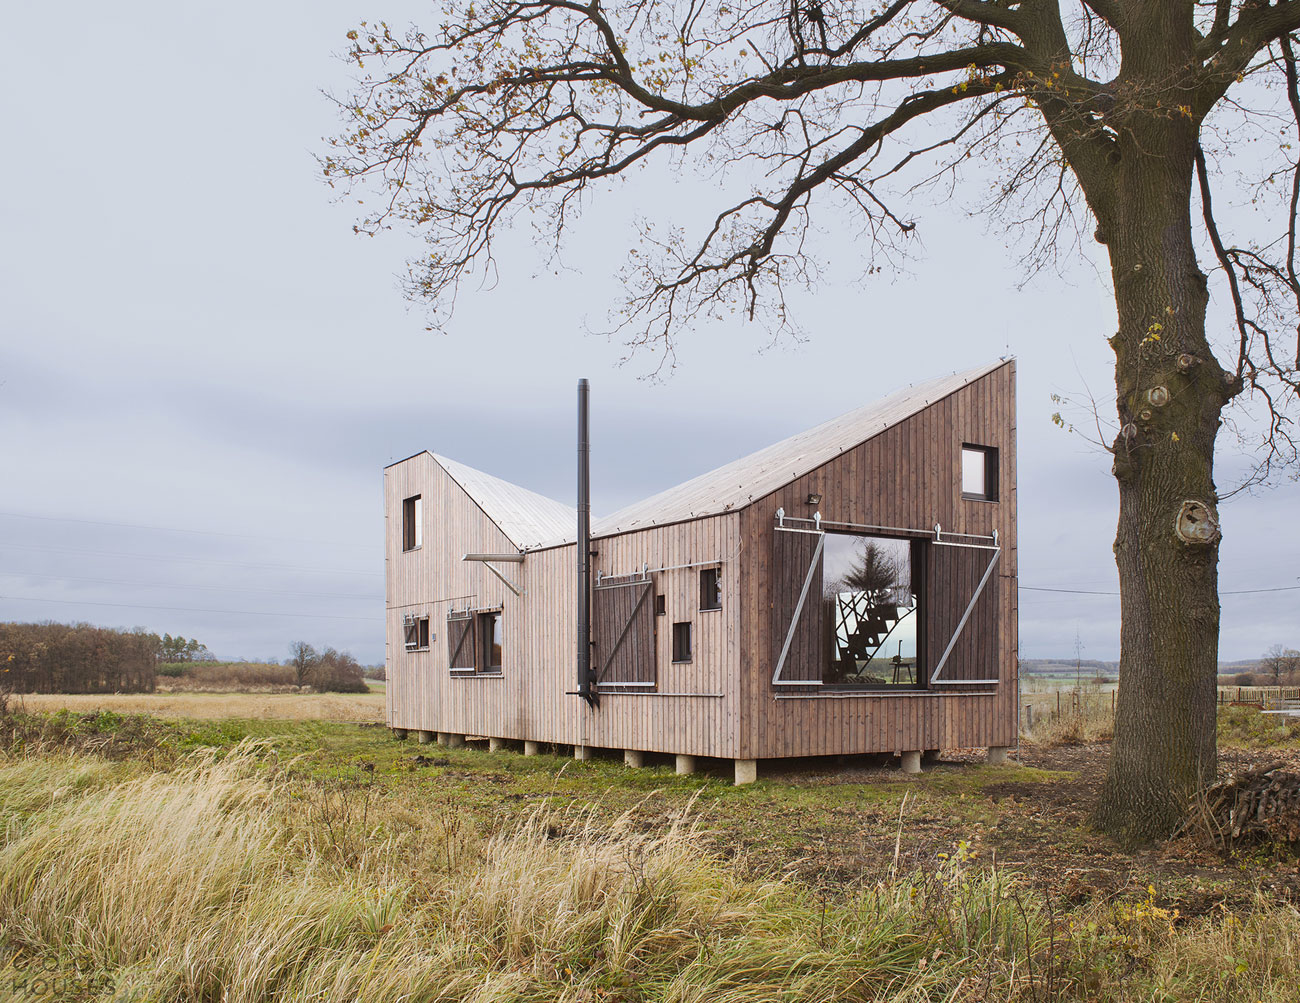 Загородный эко-дом в традициях современного модернизма в Чехии